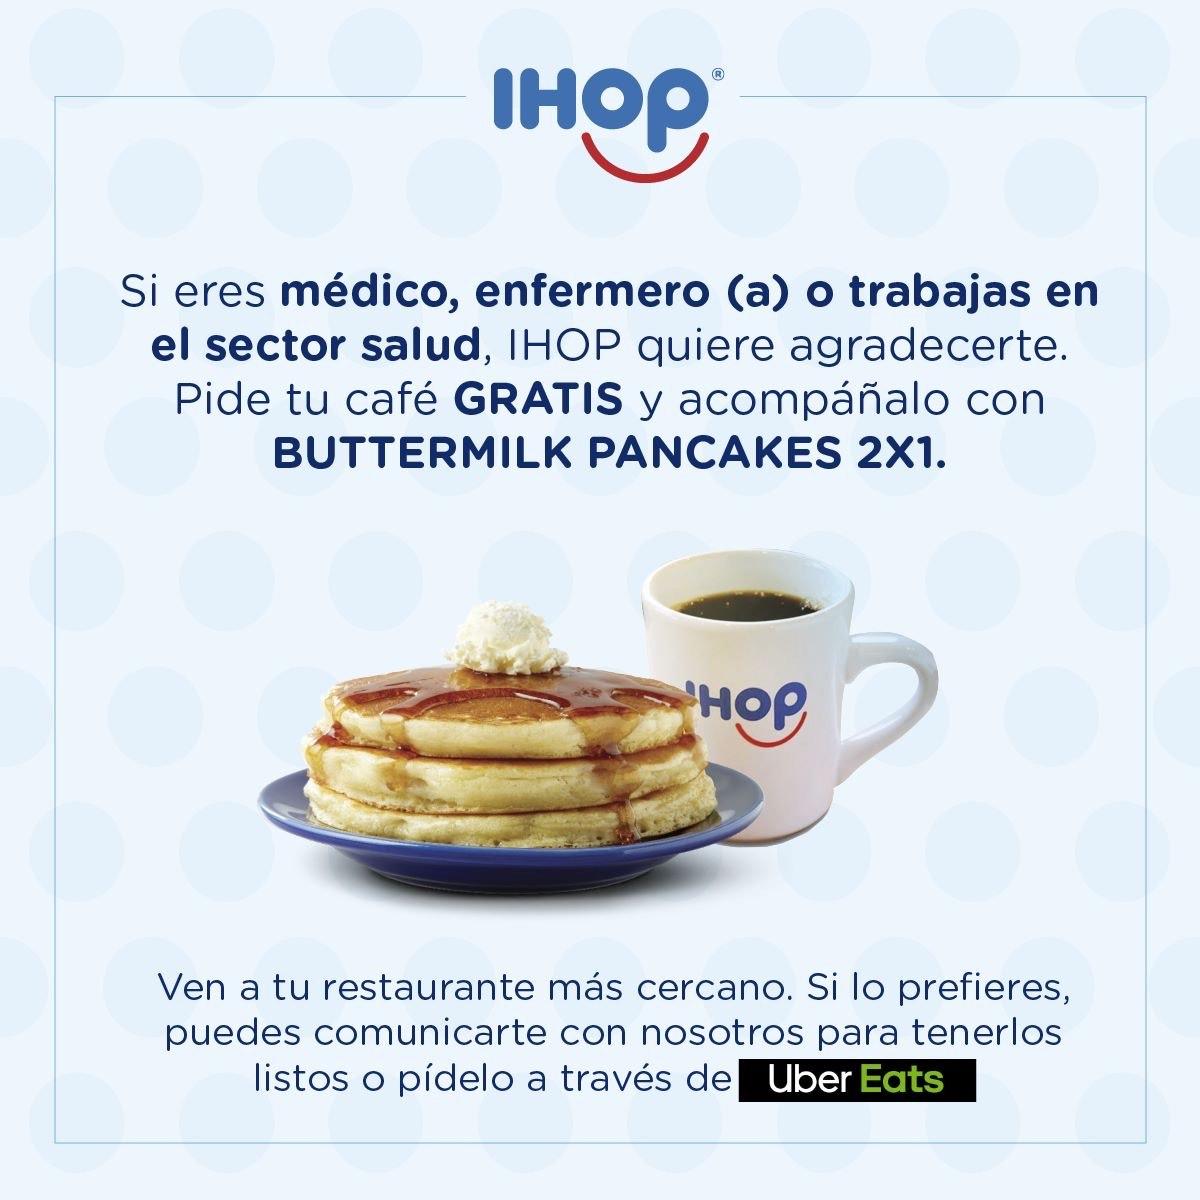 IHOP: Buttermilk Pancakes 2x1 y Café Gratis